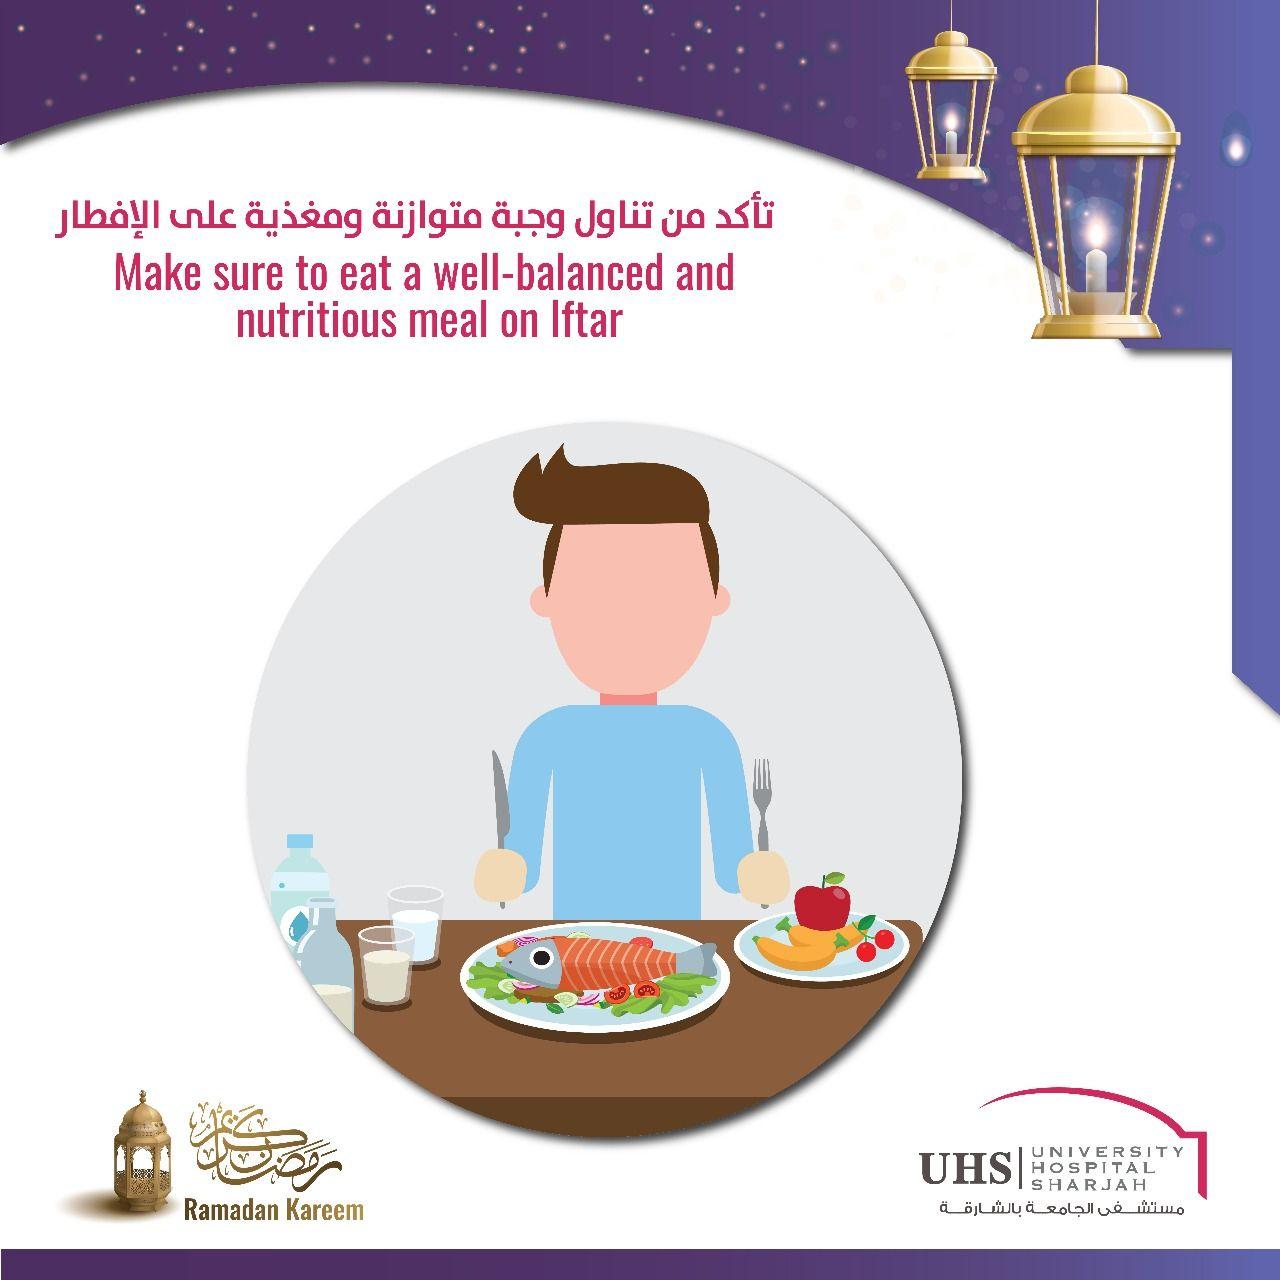 تأكد من تناول وجبة متوازنة ومغذية على الإفطار قد يؤدي الإفراط في تناول الطعام والاستهلاك المفرط للأطعمة الغنية بالدهون بشكل خاص إ Ramadan Kareem Ramadan Iftar